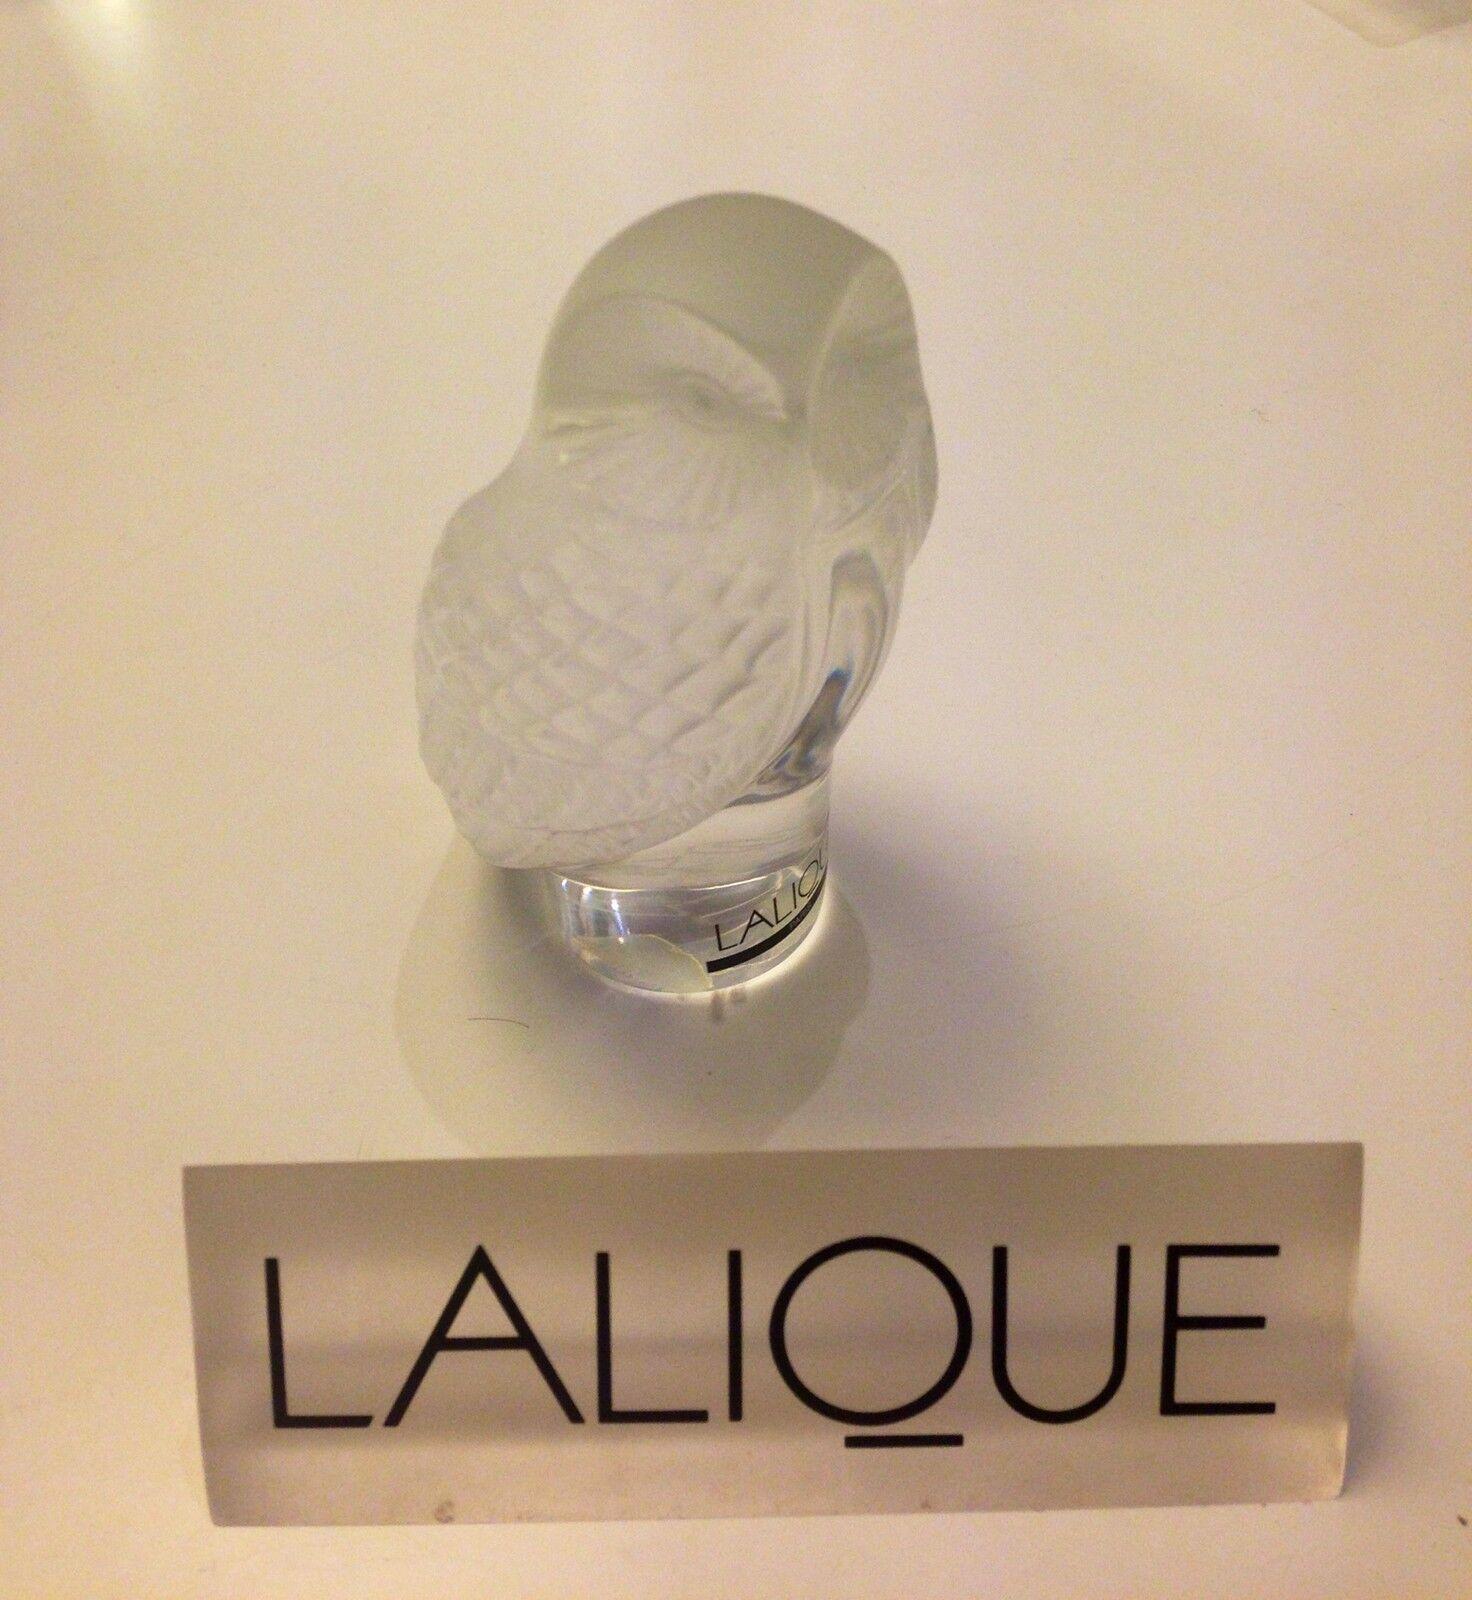 Scultura Civetta - Motif Chouette - Presse Papier Chouette - Owl - Lalique